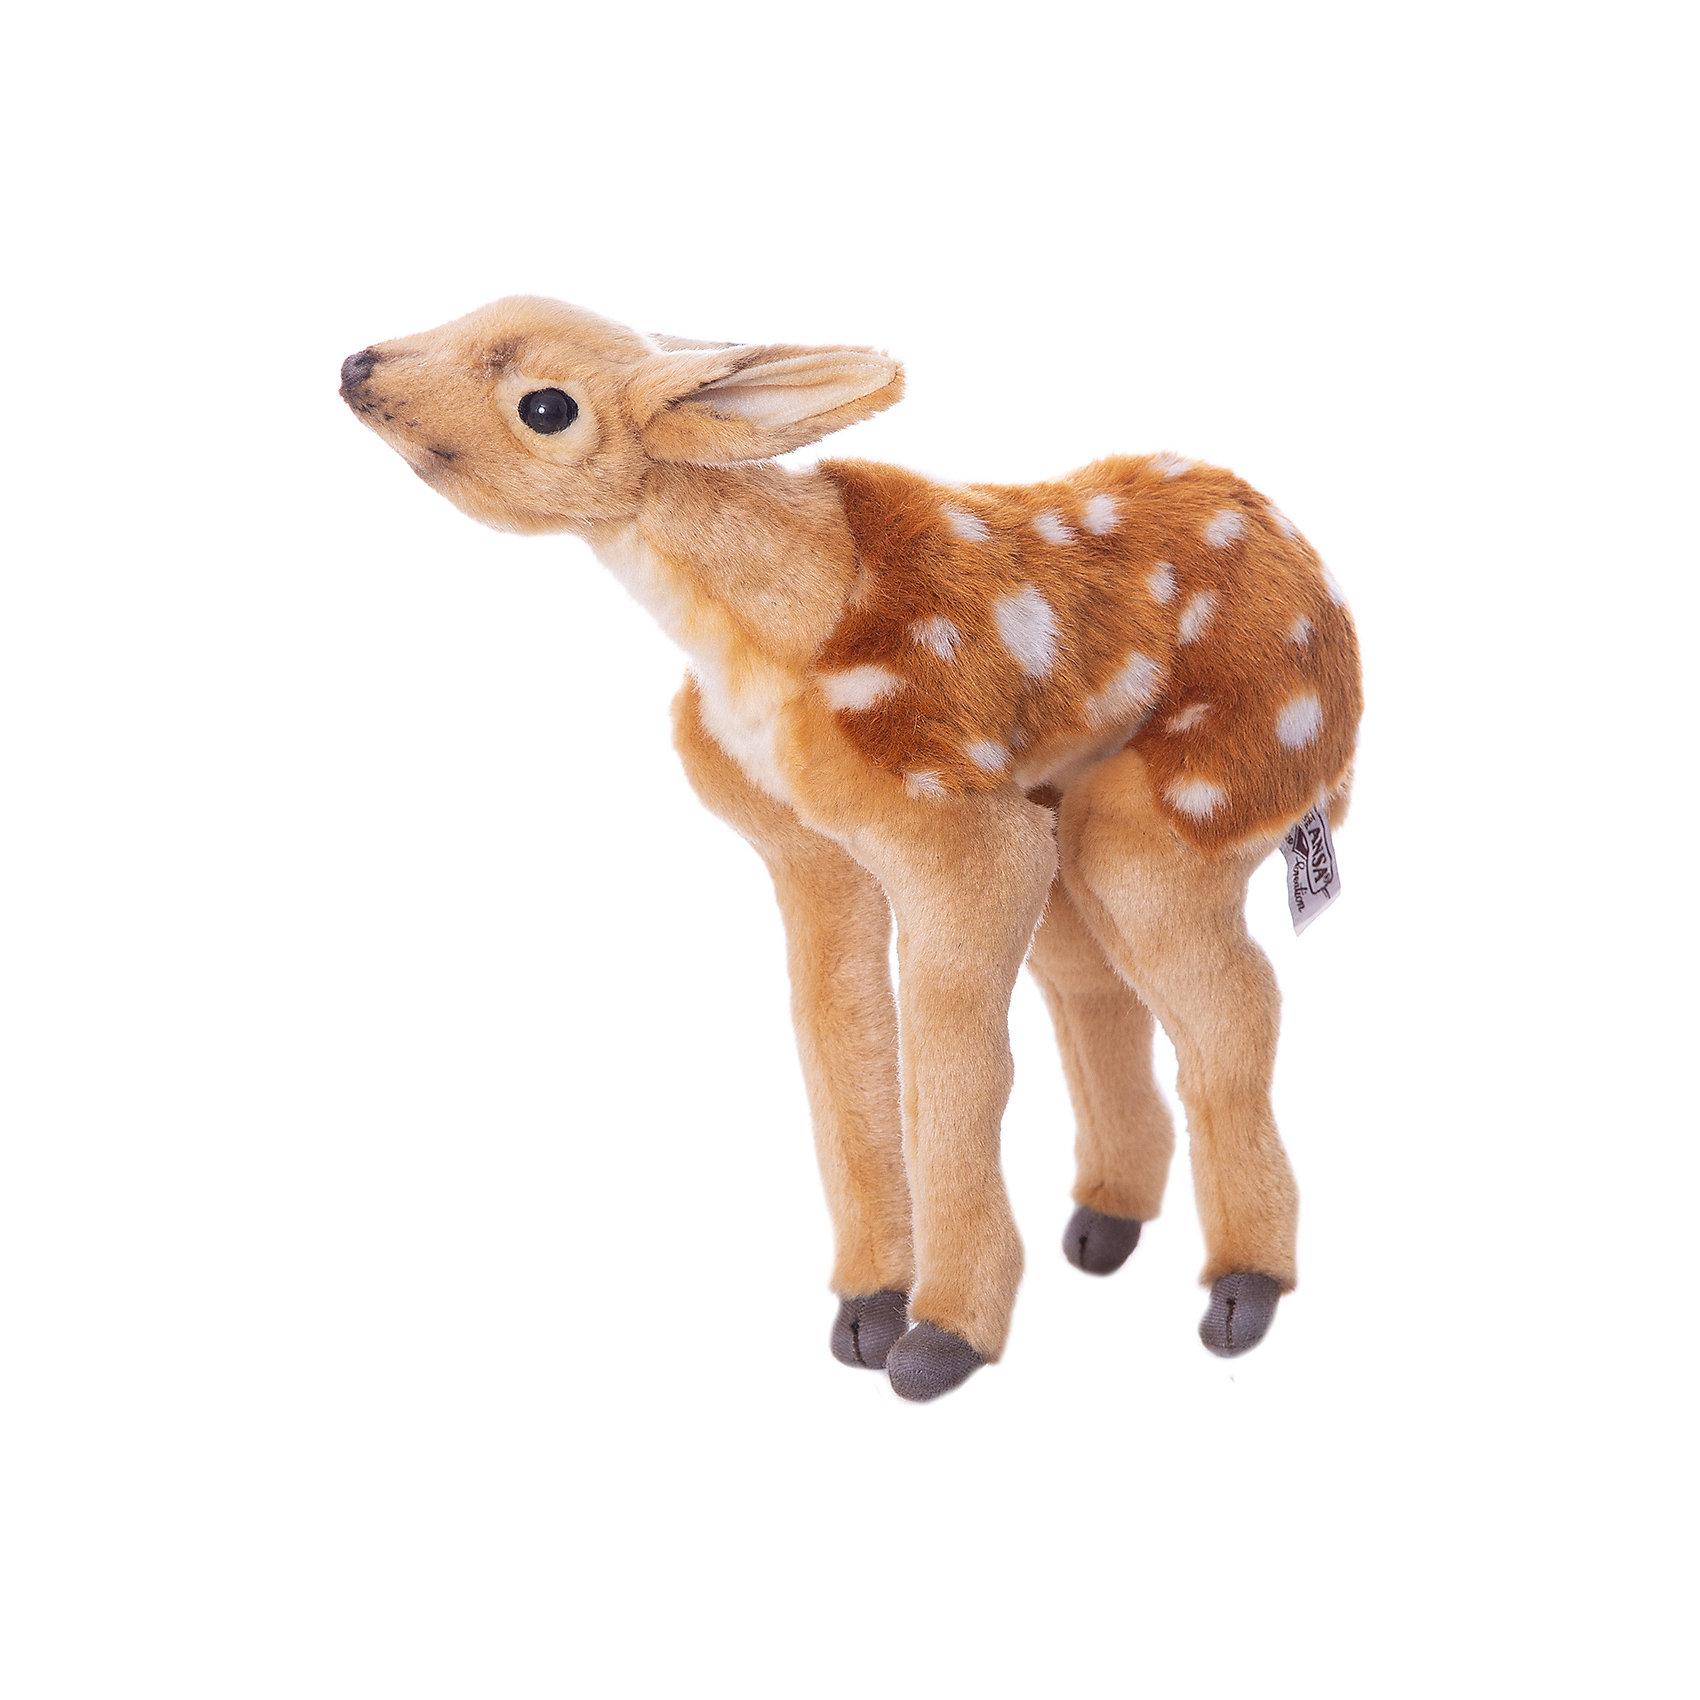 Олененок Бэмби, 30 смЗвери и птицы<br>Олененок Бэмби, 30 см – игрушка от знаменитого бренда Hansa, специализирующегося на выпуске мягких игрушек с высокой степенью натуралистичности. Внешний вид игрушки полностью соответствует своему реальному прототипу – пятнистому оленю. Он выполнен из искусственного меха с коротким ворсом. Окрас игрушки полностью повторяет окраску настоящего животного: красно-рыжая шерстка с белыми пятнышками. Использованные материалы обладают гипоаллергенными свойствами. Внутри игрушки имеется металлический каркас, позволяющий изменять положение. <br>Игрушка относится к серии Дикие животные. <br>Мягкие игрушки от Hansa подходят для сюжетно-ролевых игр, для обучающих игр, направленных на знакомство с животным миром дикой природы. Кроме того, их можно использовать в качестве интерьерных игрушек. Коллекция из нескольких игрушек позволяет создать свой домашний зоопарк, который будет радовать вашего ребенка долгое время, так как ручная работа и качественные материалы гарантируют их долговечность и прочность.<br><br>Дополнительная информация:<br><br>- Вид игр: сюжетно-ролевые игры, коллекционирование, интерьерные игрушки<br>- Предназначение: для дома, для детских развивающих центров, для детских садов<br>- Материал: искусственный мех, наполнитель ? полиэфирное волокно<br>- Размер (ДхШхВ): 30*30*12 см<br>- Вес: 615 г<br>- Особенности ухода: сухая чистка при помощи пылесоса или щетки для одежды<br><br>Подробнее:<br><br>• Для детей в возрасте: от 3 лет <br>• Страна производитель: Филиппины<br>• Торговый бренд: Hansa<br><br>Олененка Бэмби, 30 см можно купить в нашем интернет-магазине.<br><br>Ширина мм: 30<br>Глубина мм: 30<br>Высота мм: 12<br>Вес г: 615<br>Возраст от месяцев: 36<br>Возраст до месяцев: 2147483647<br>Пол: Унисекс<br>Возраст: Детский<br>SKU: 4927201